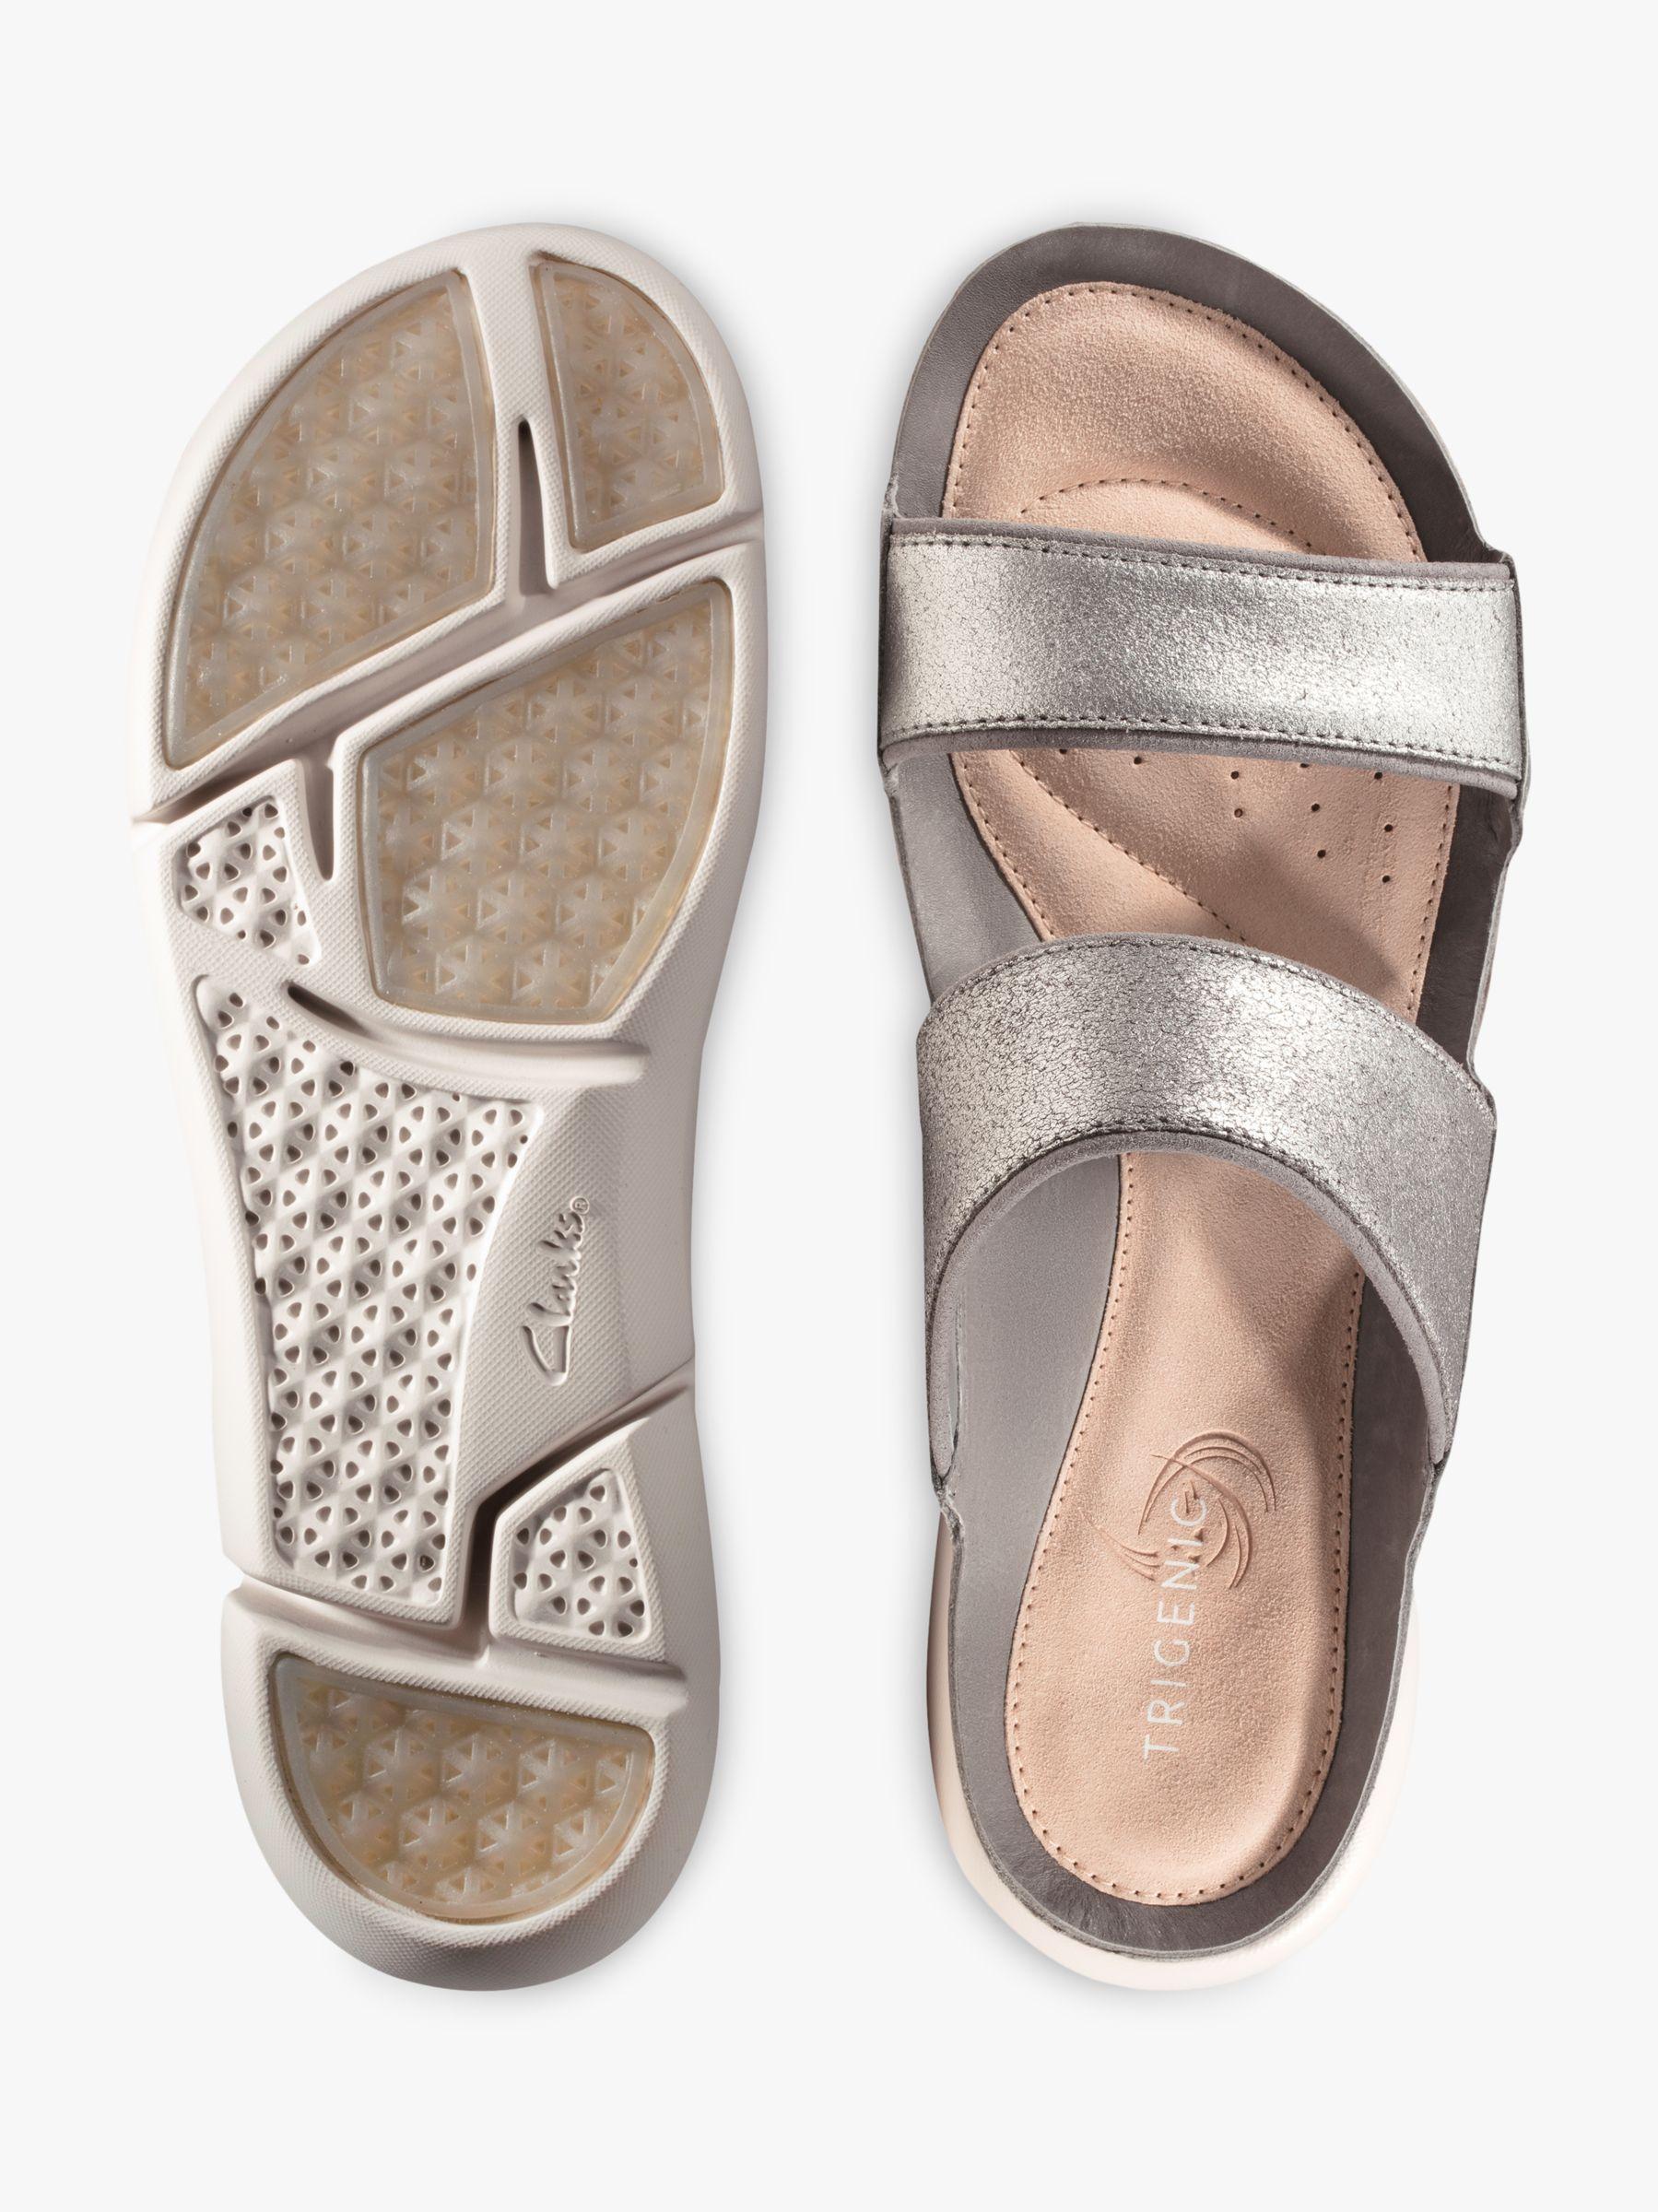 Ladies Clarks Casual Trigenic Mule Sandals /'Tri Sara/'